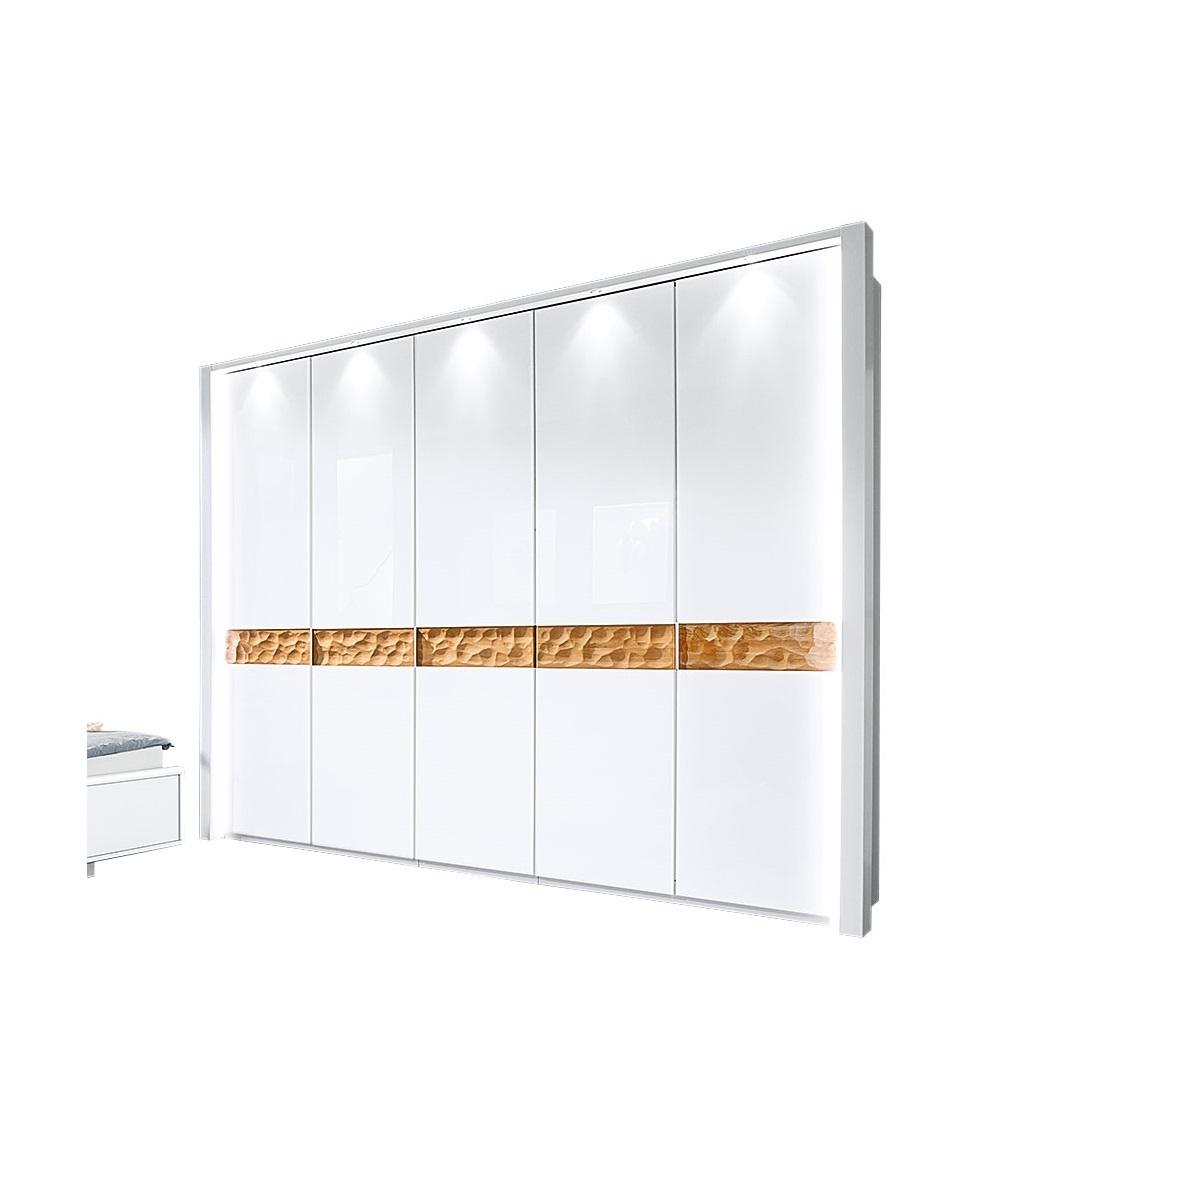 MONDO Schwebetürenschrank ARAME Alpinweiß Beleuchtet ca. 300 x 216 x 67 cm von porta Möbel ansehen